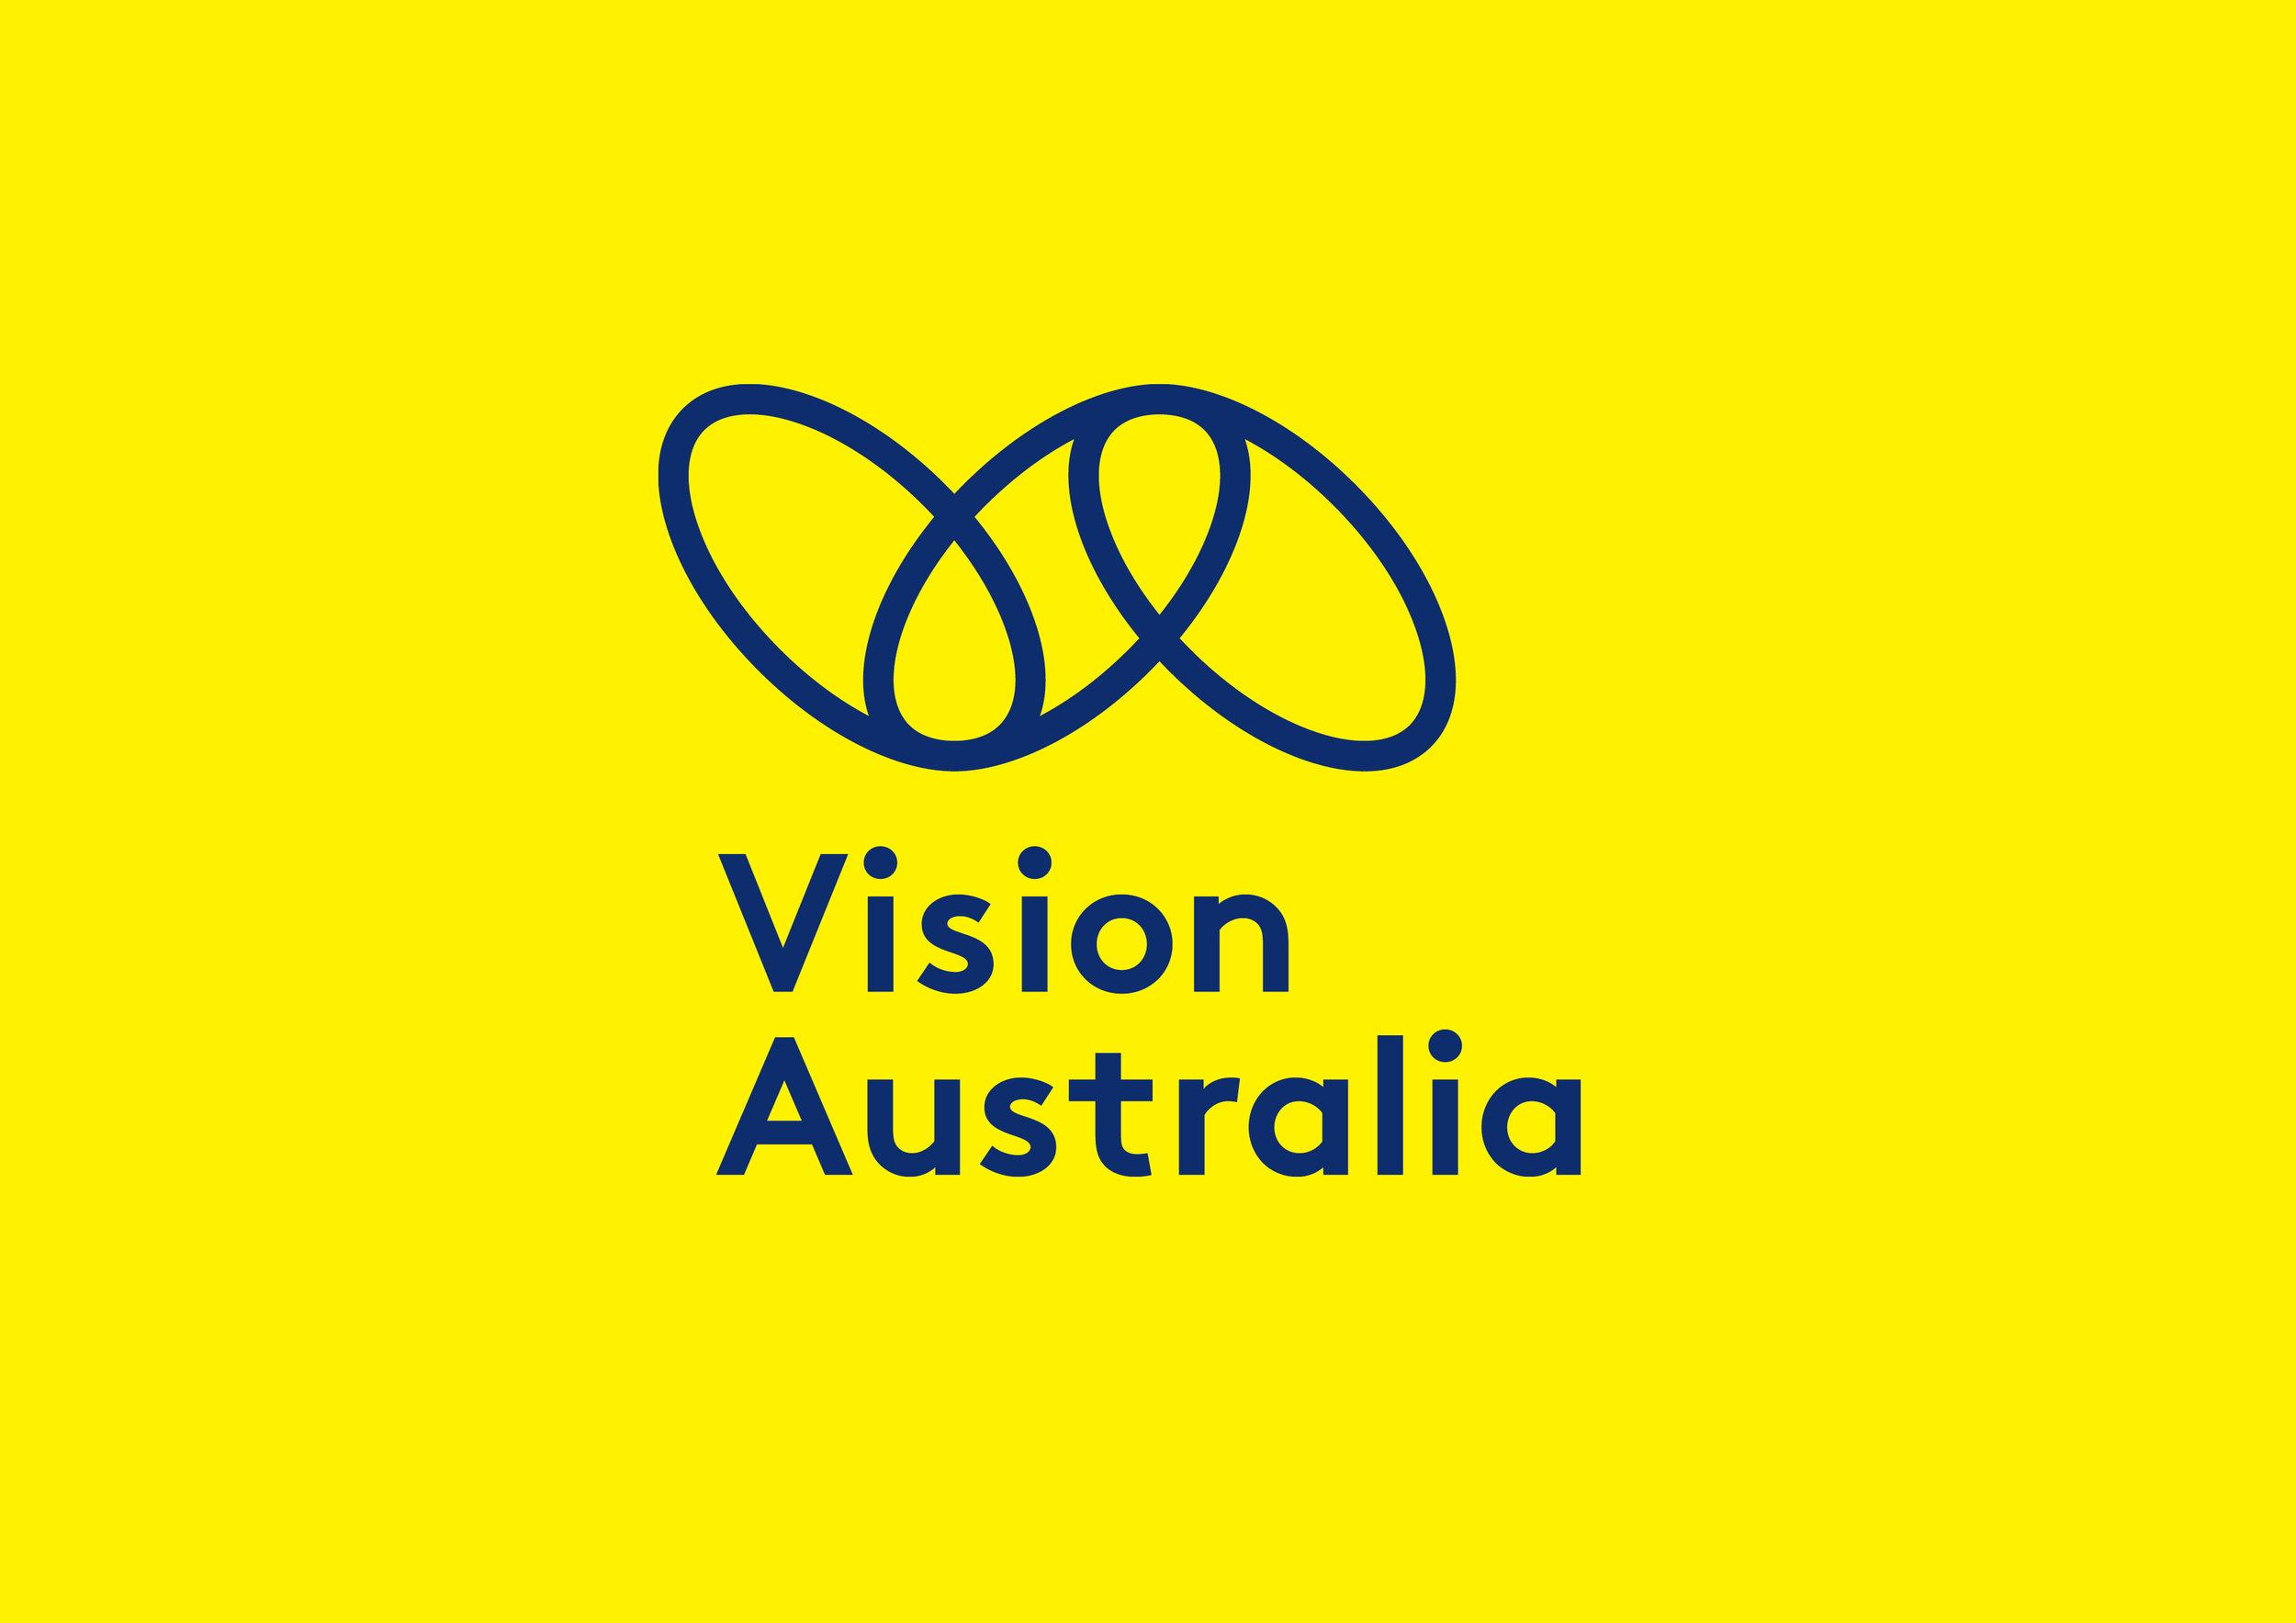 Vision-Australia_Designworks_1.jpg